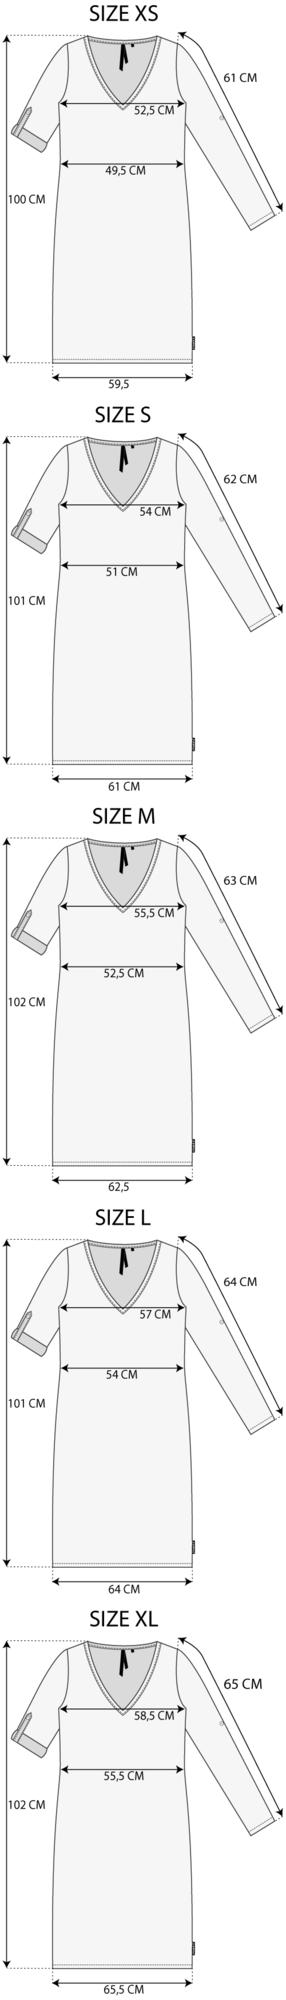 Maattabel la beach dress